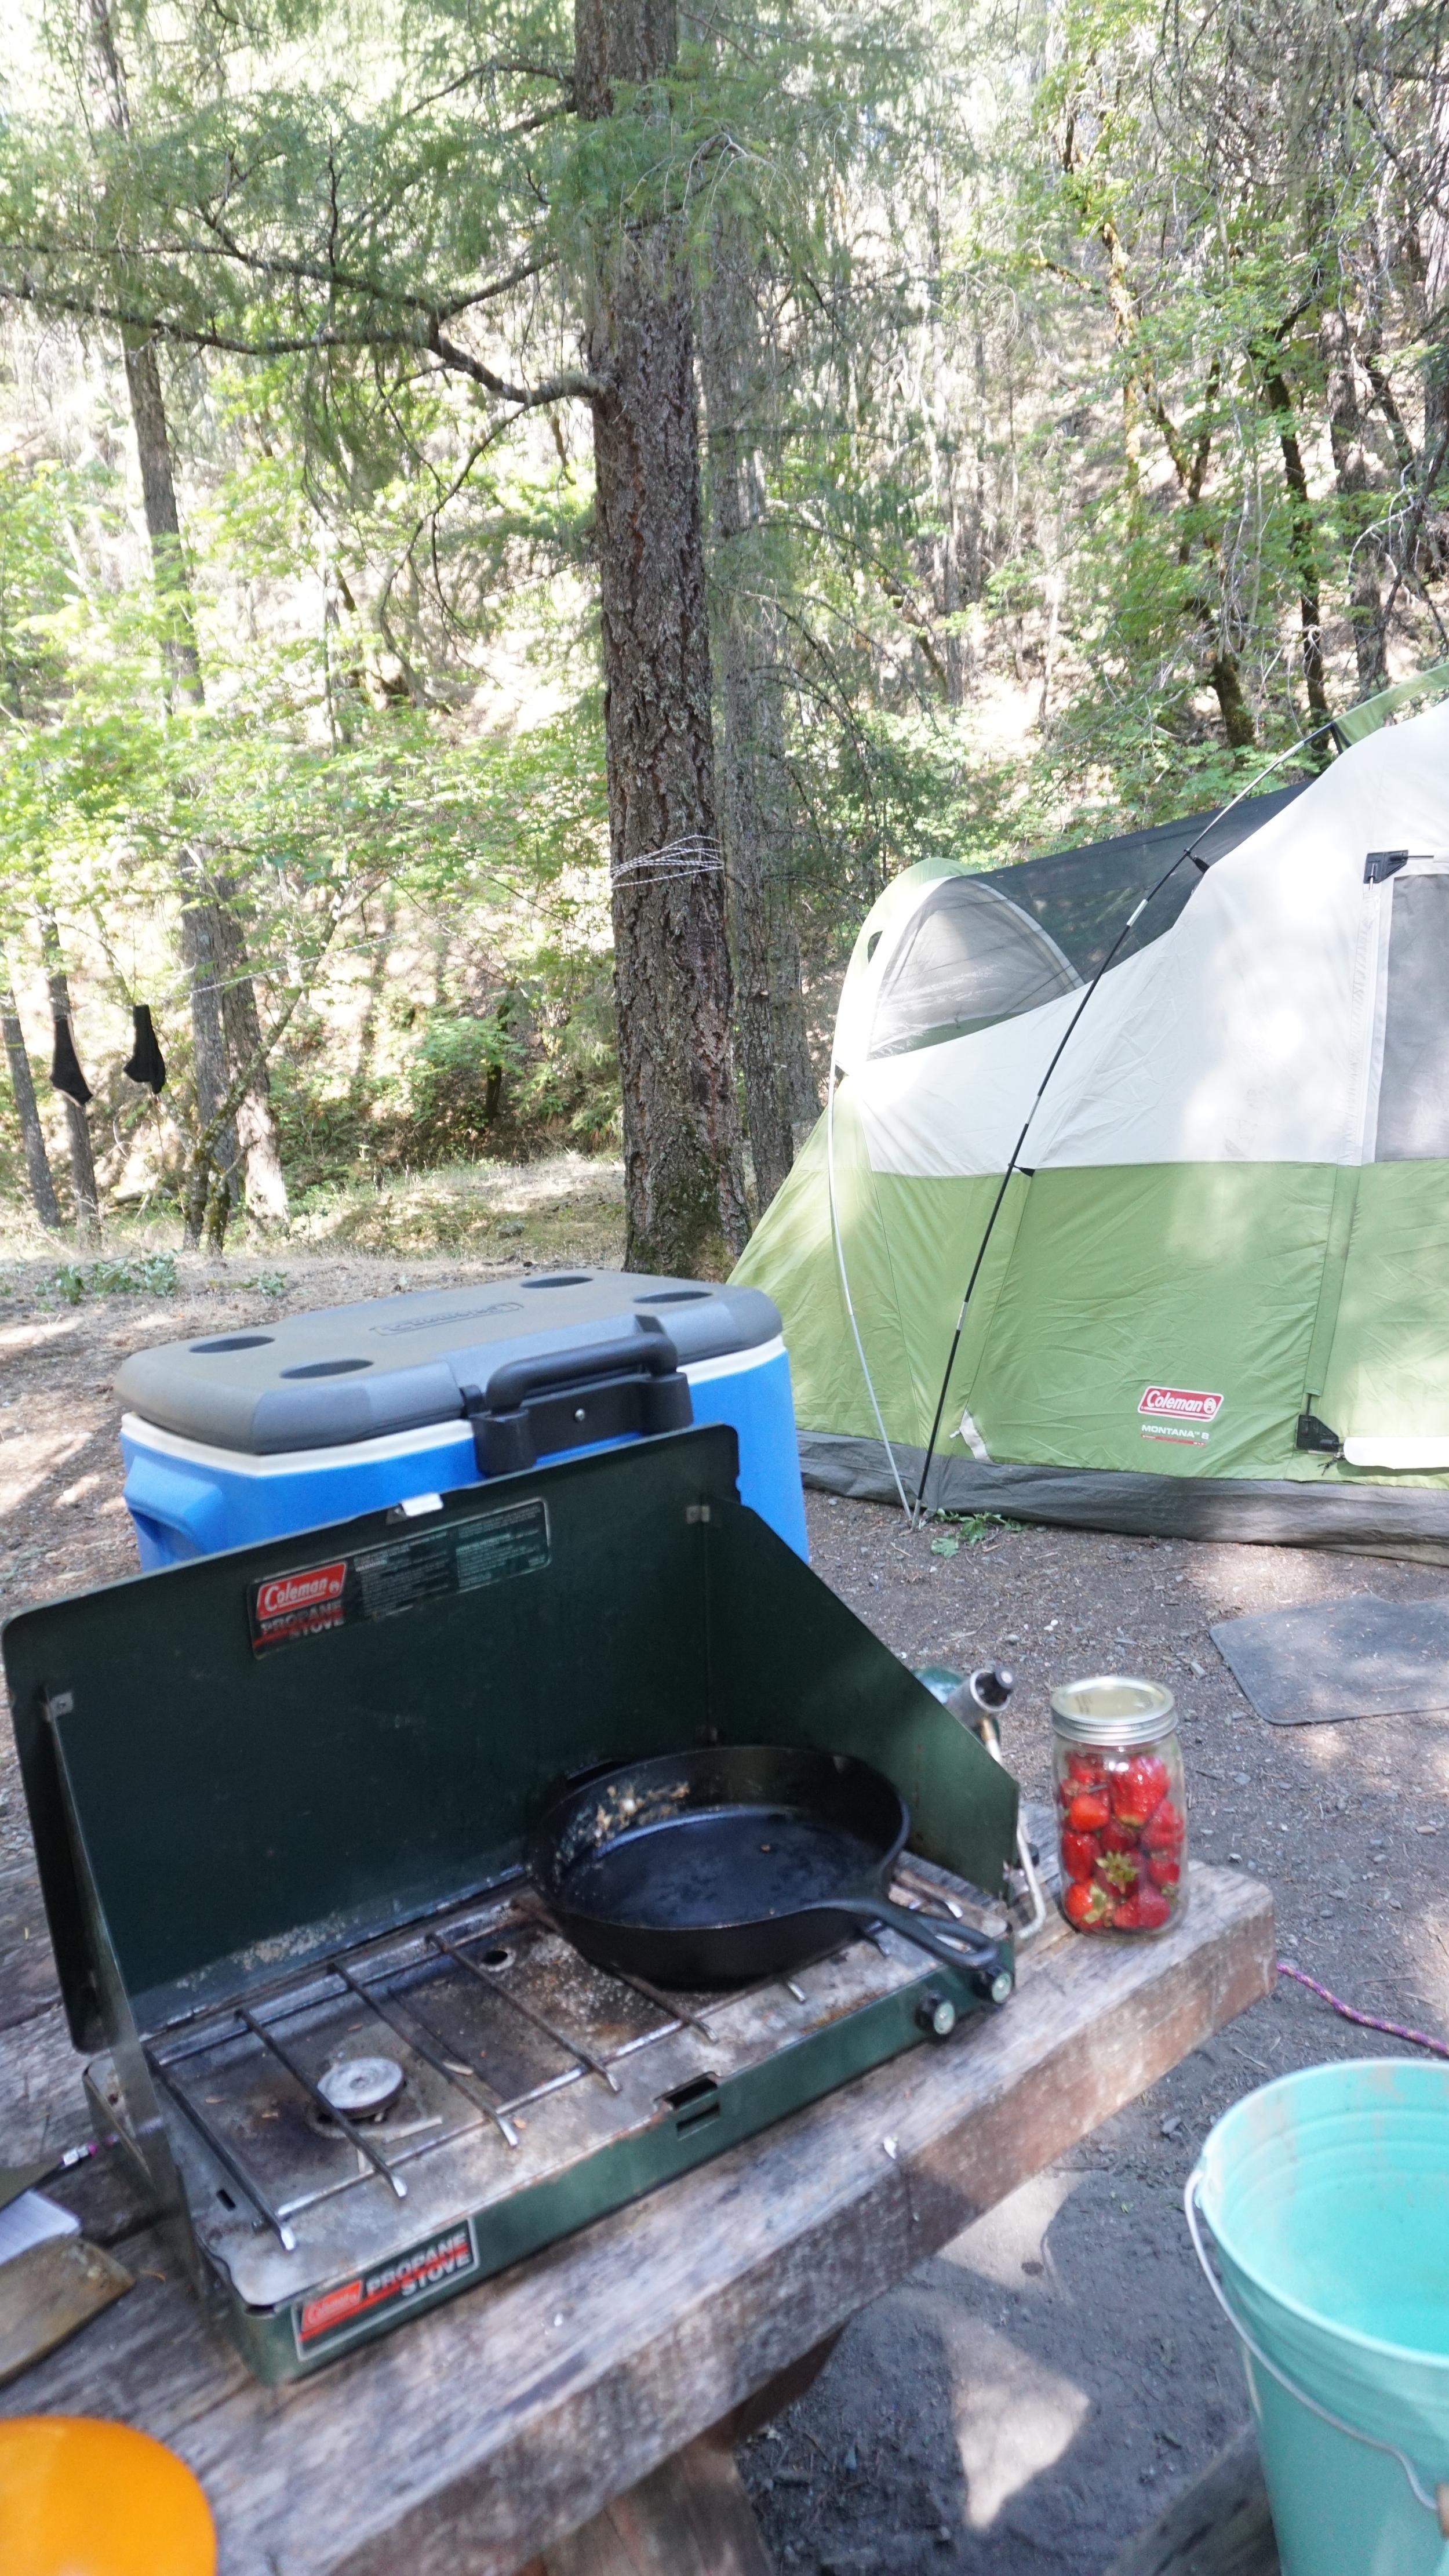 A zero waste camping trip from www.goingzerowaste.com